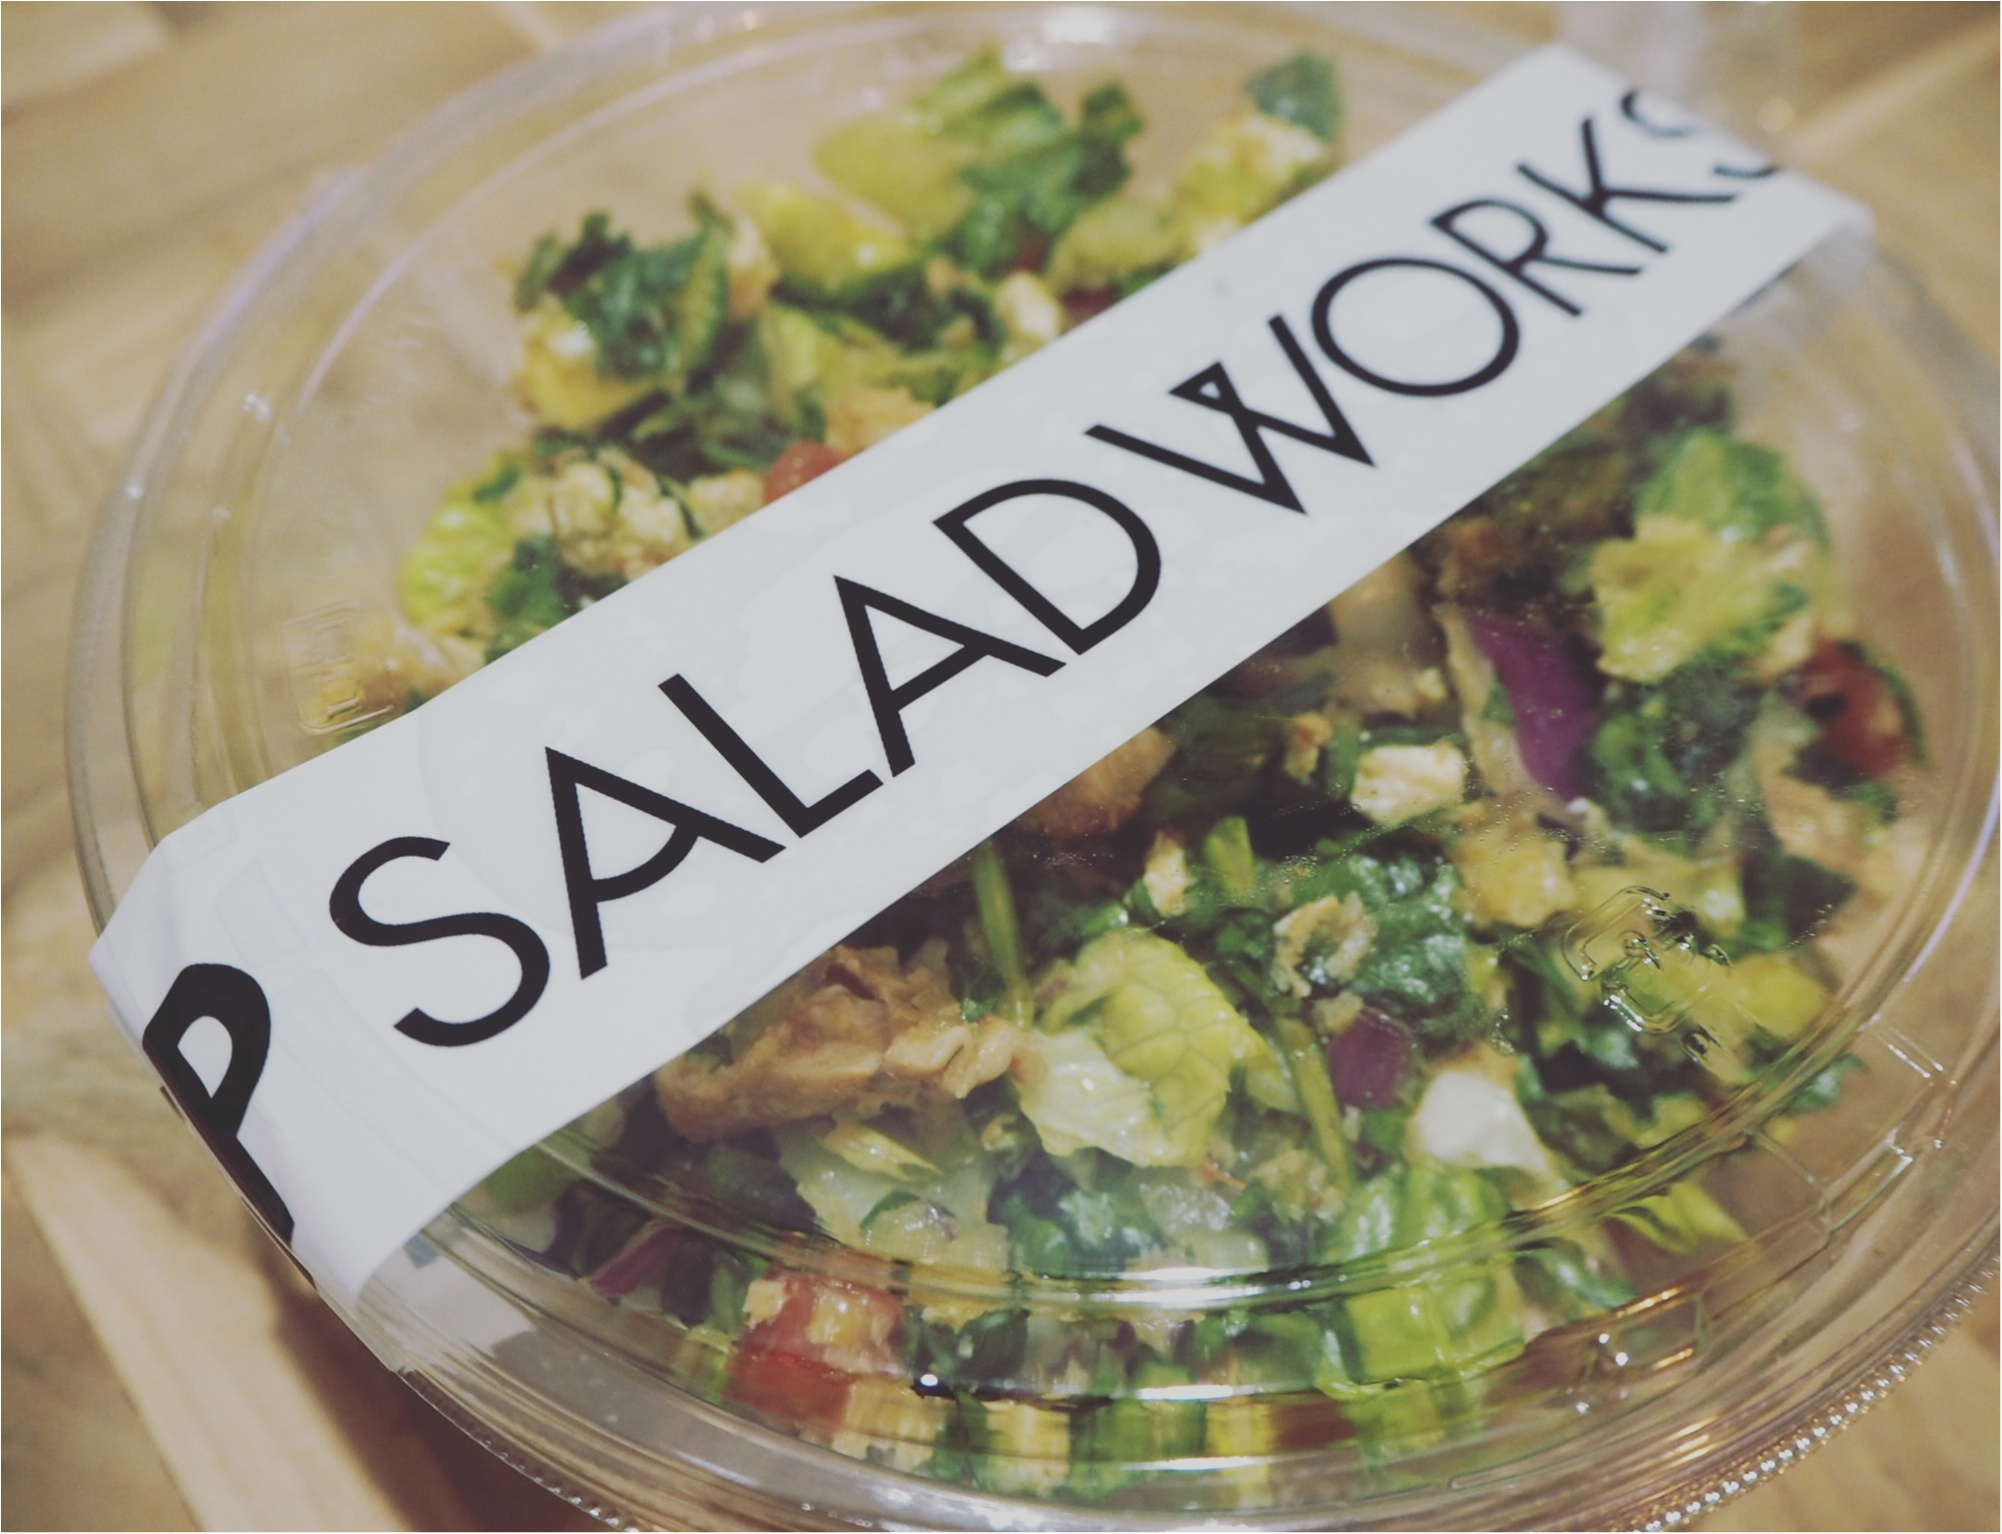 【ランチに行くならココ】おしゃれで美味しいサラダ揃ってます!_1